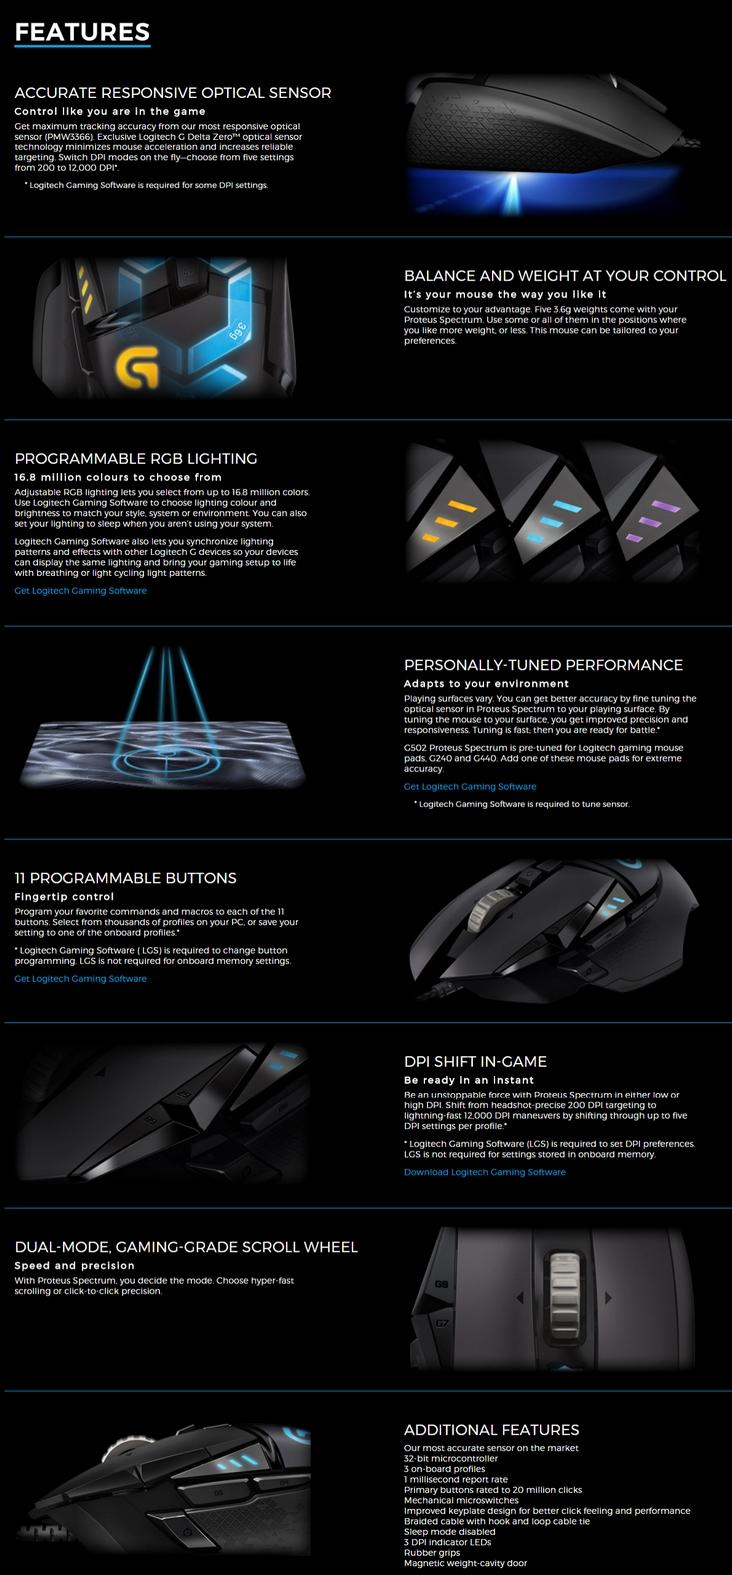 Logitech G502 Proteus Spectrum RGB Gaming Mouse